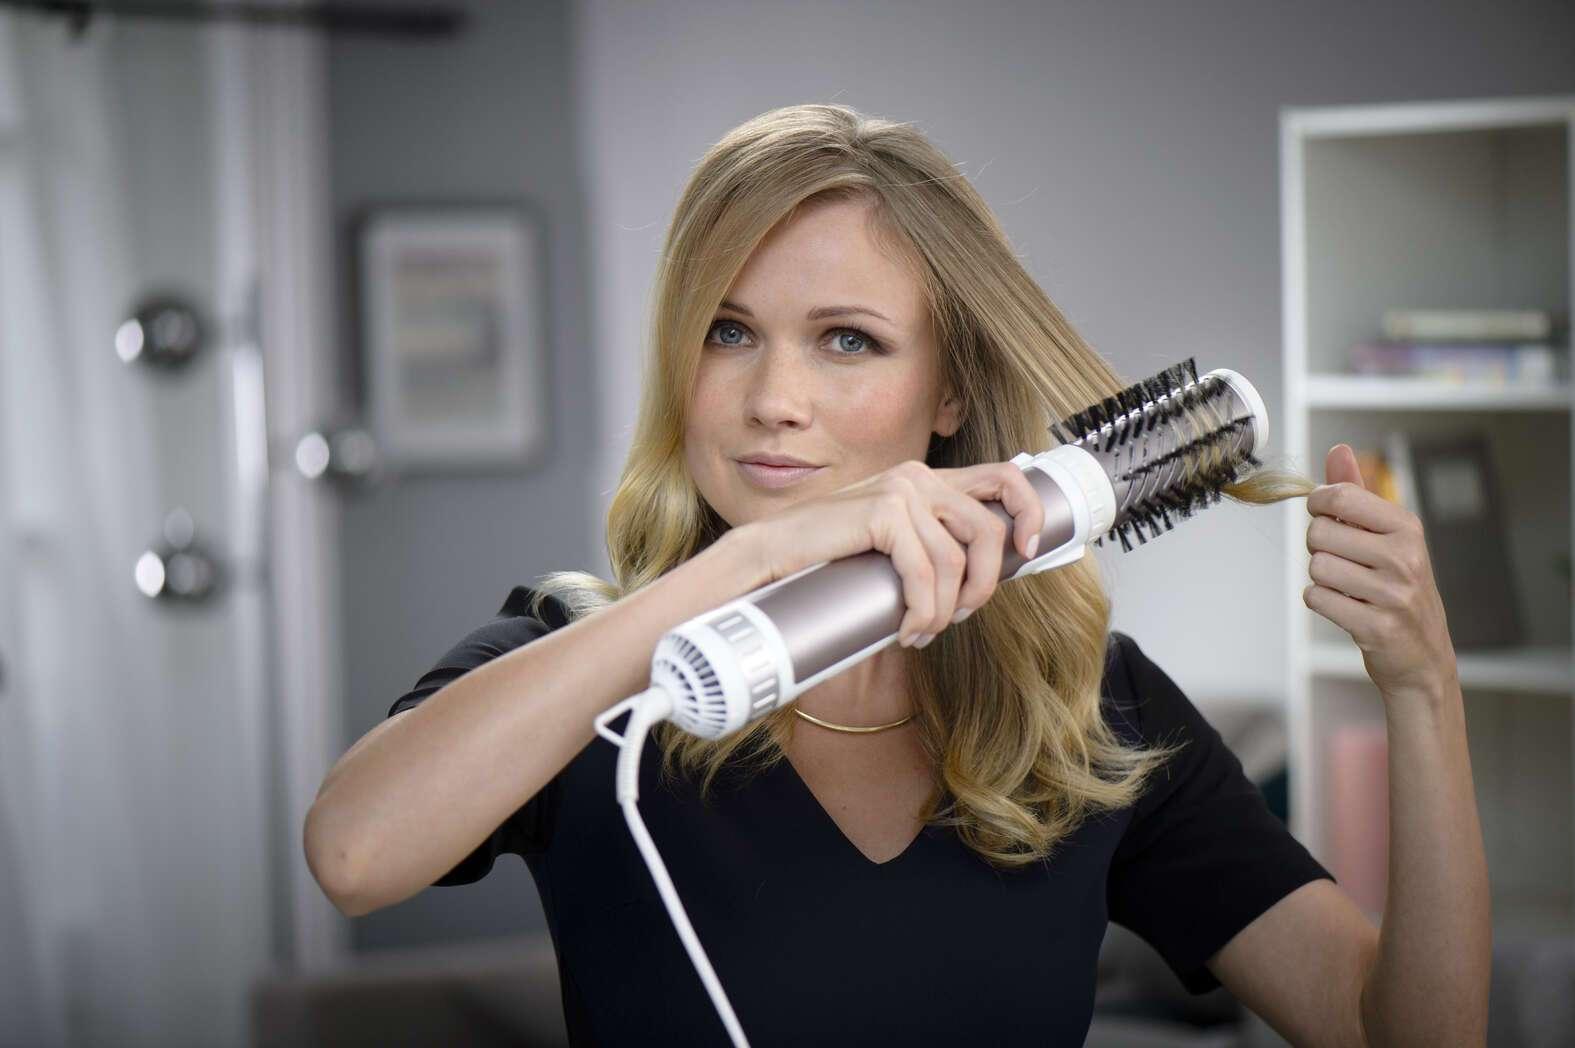 Фен-щетка (43 фото): для чего нужна вращающаяся насадка-расческа? Какой фен для укладки волос лучше выбрать? Как им пользоваться? Отзывы